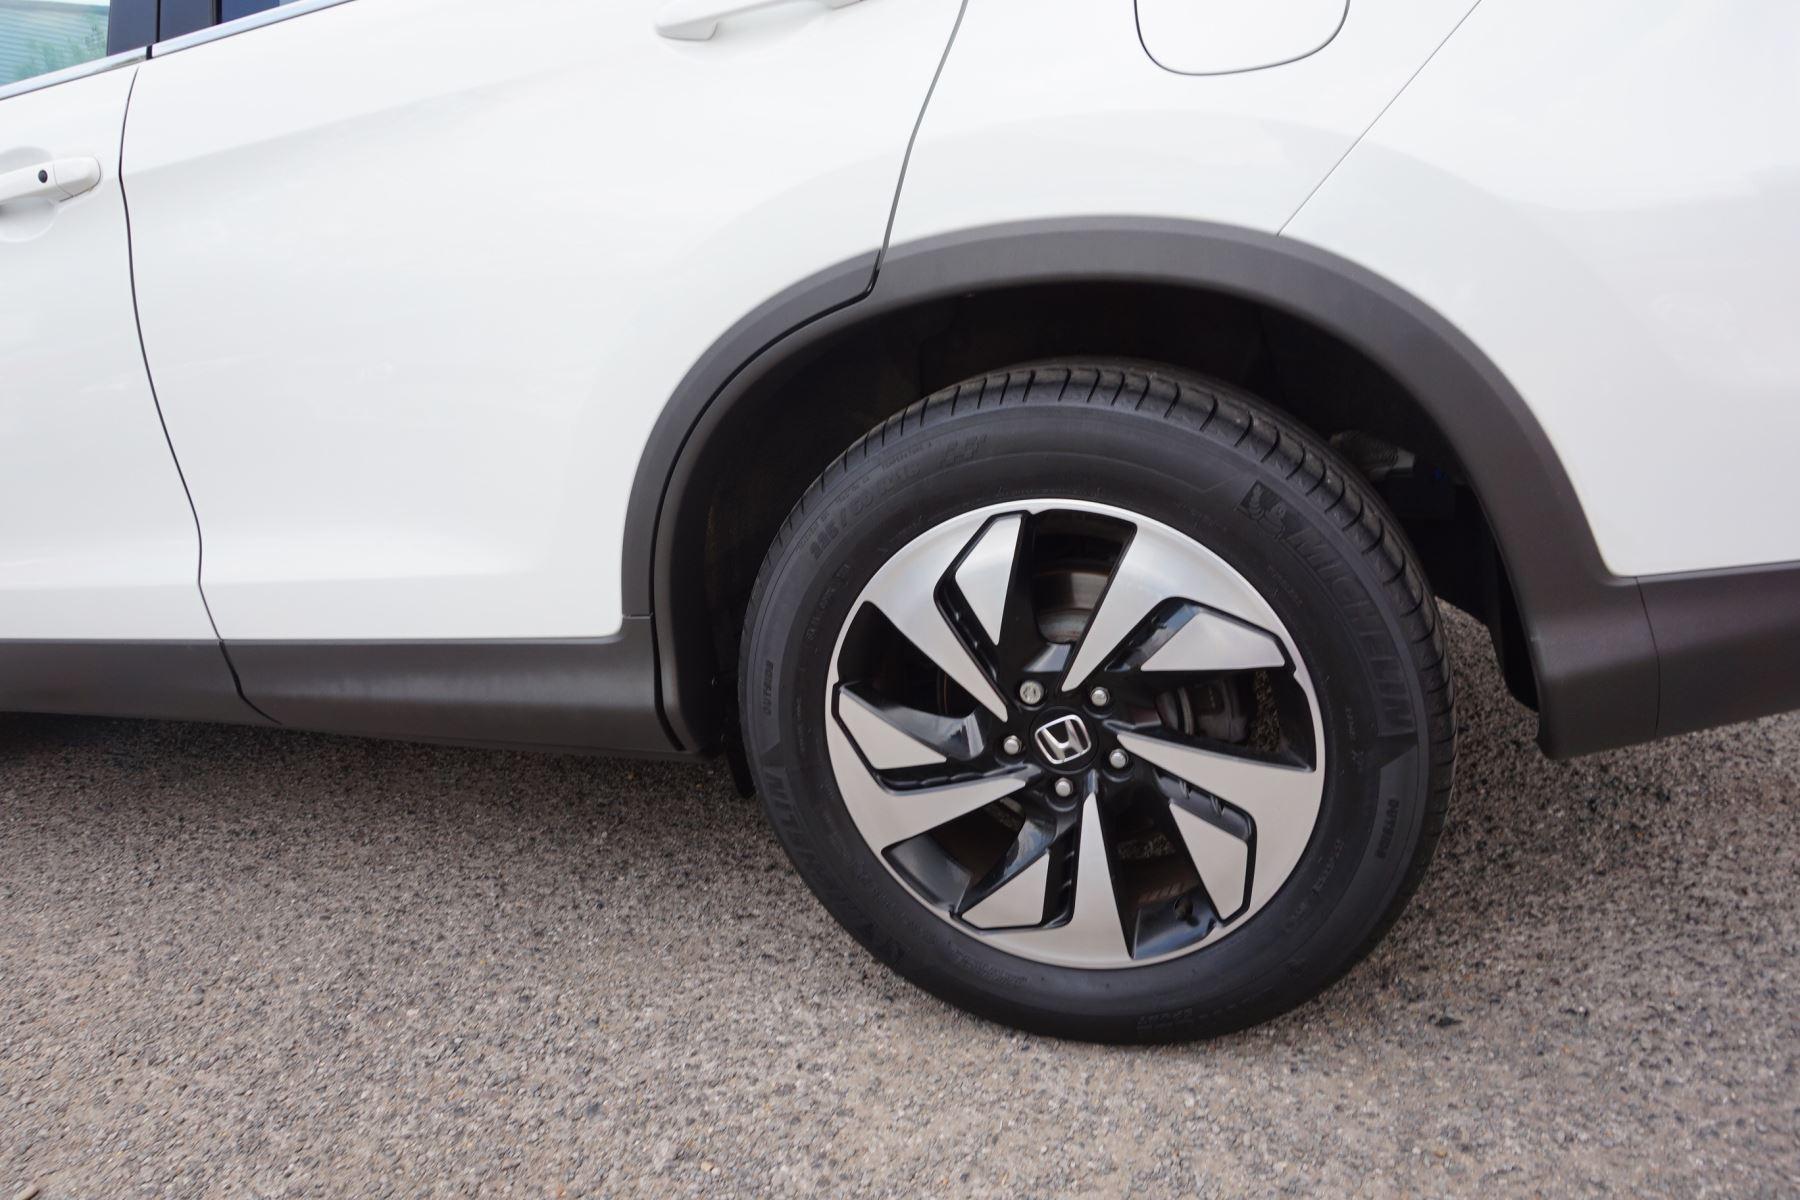 Honda CR-V 2.0 i-VTEC EX 5dr image 7